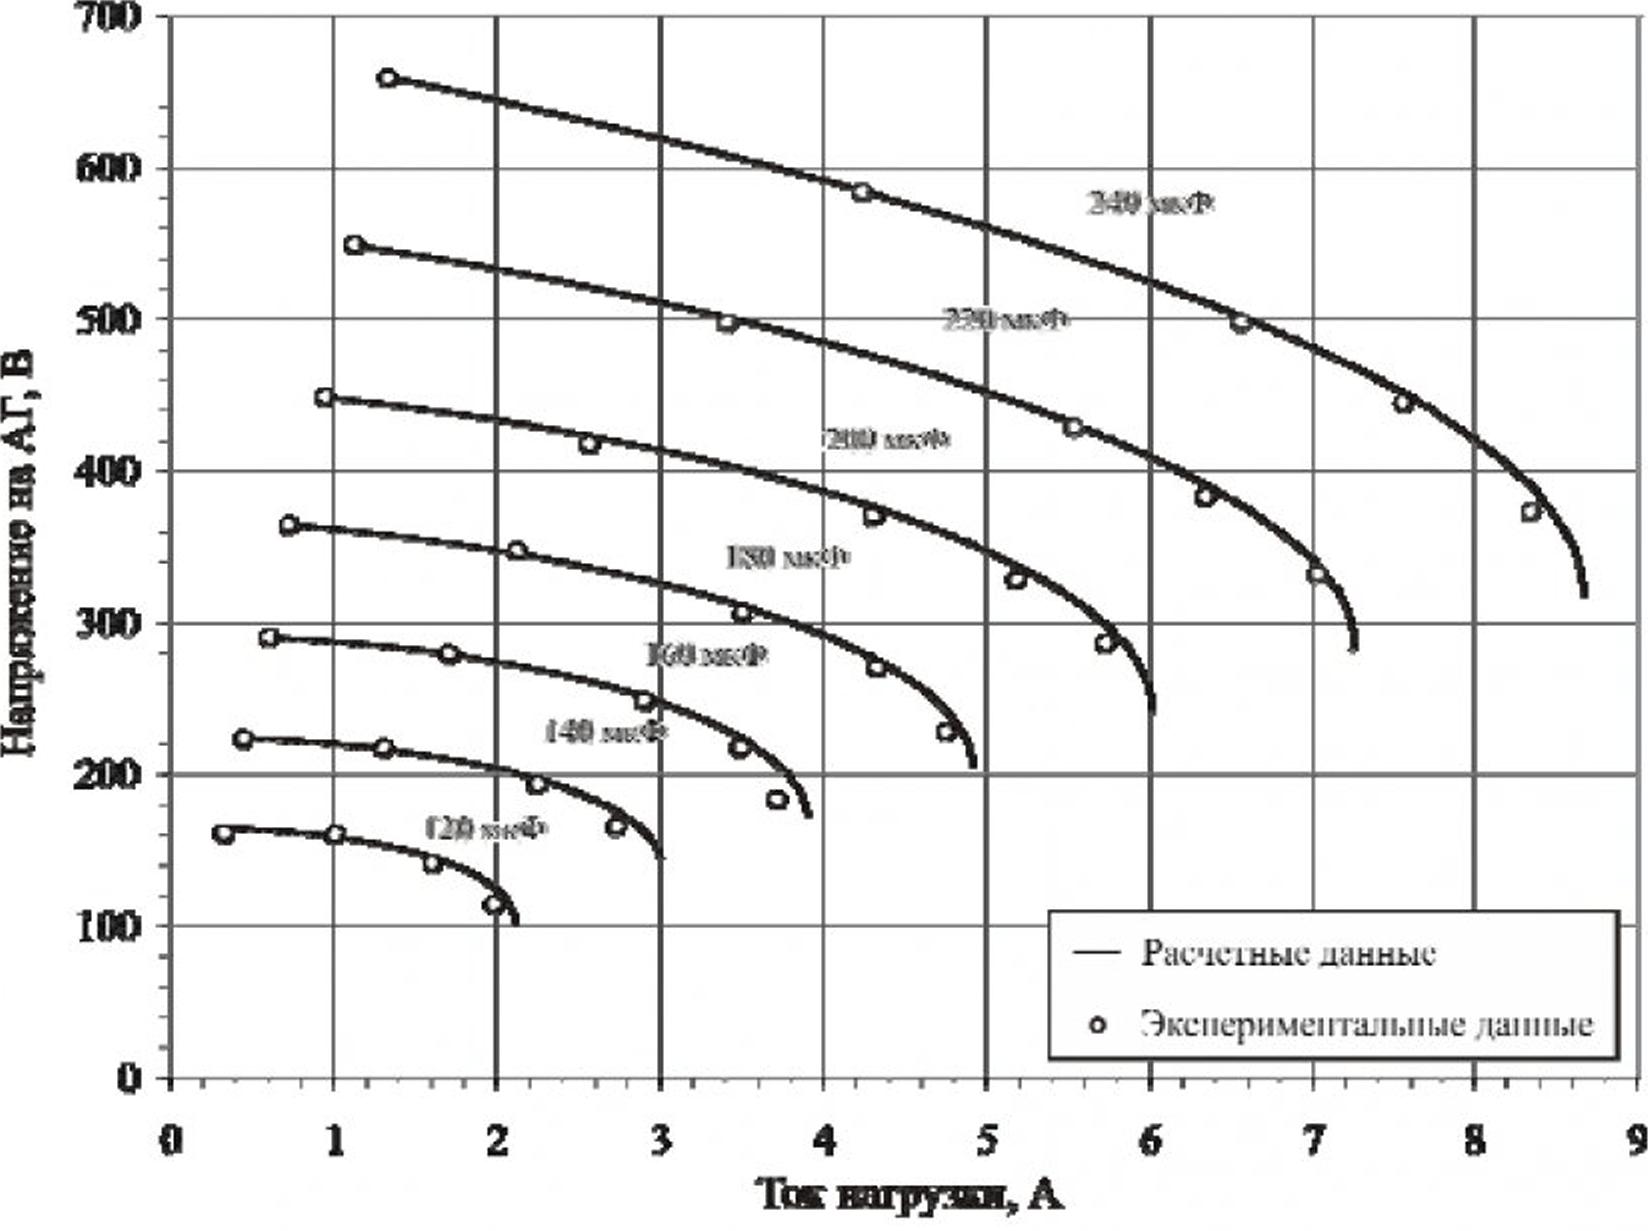 Исследование работы асинхронного генератора на индивидуальную сеть средствами имитационного моделирования 9